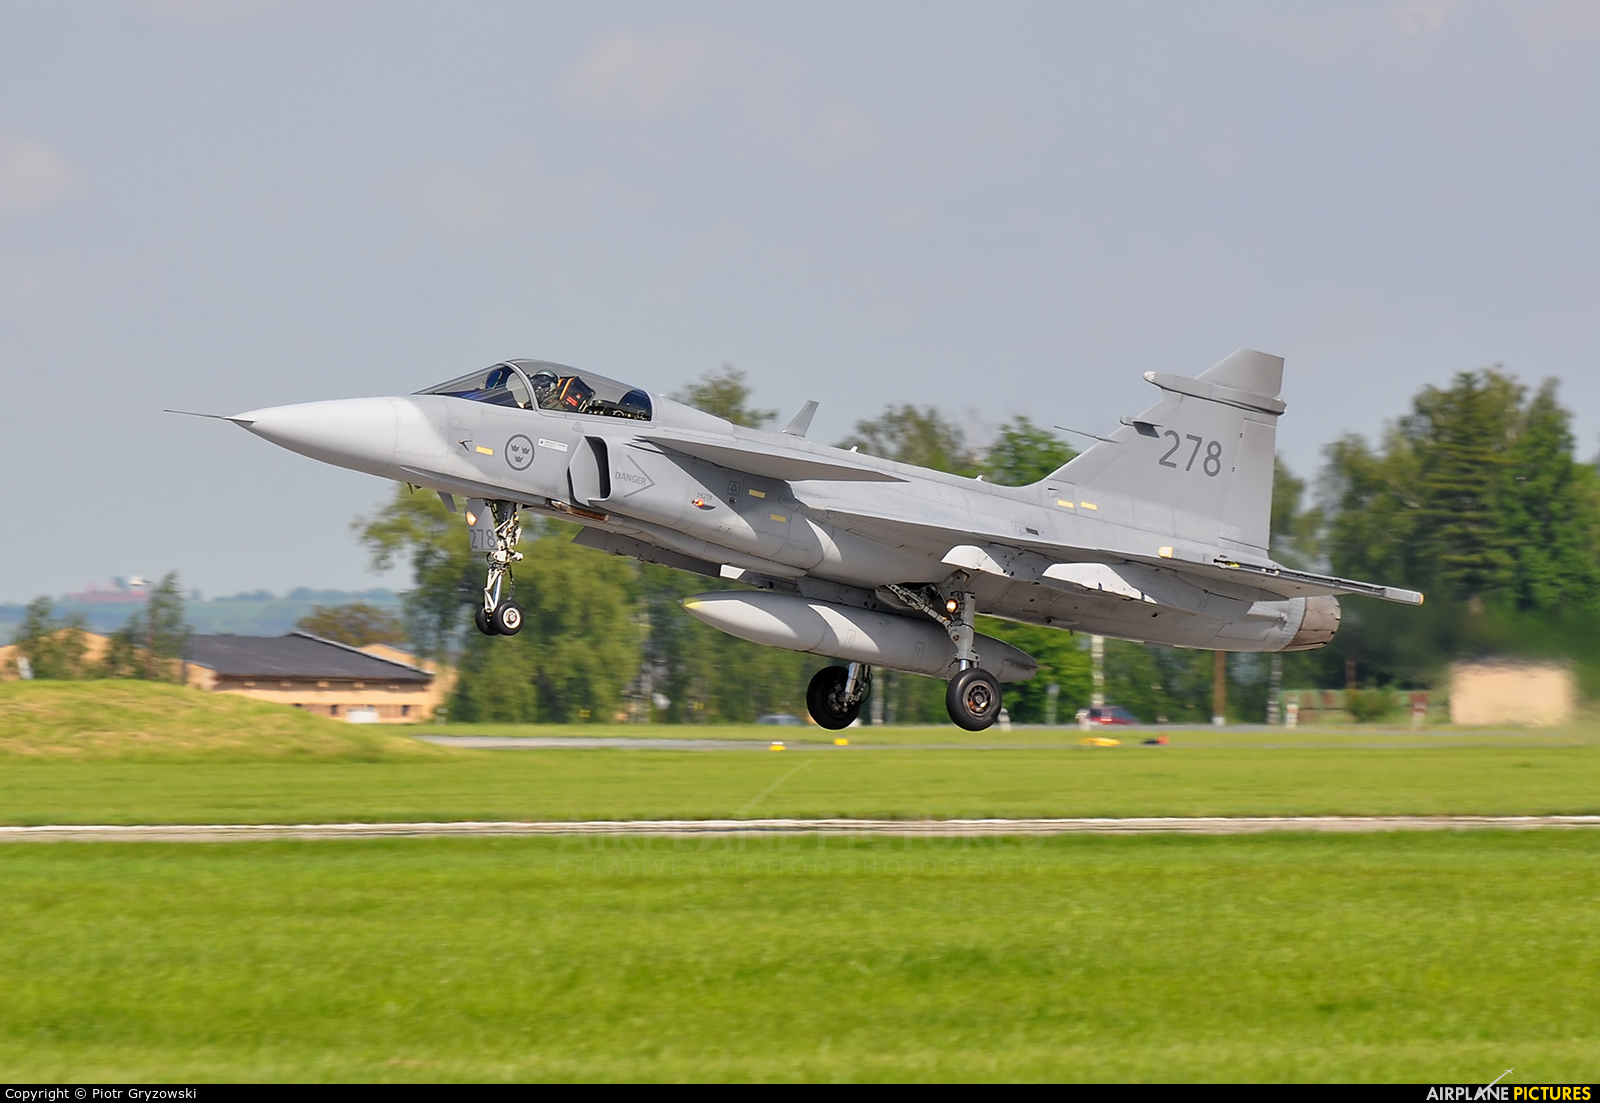 Sweden - Air Force 39278 aircraft at Čáslav